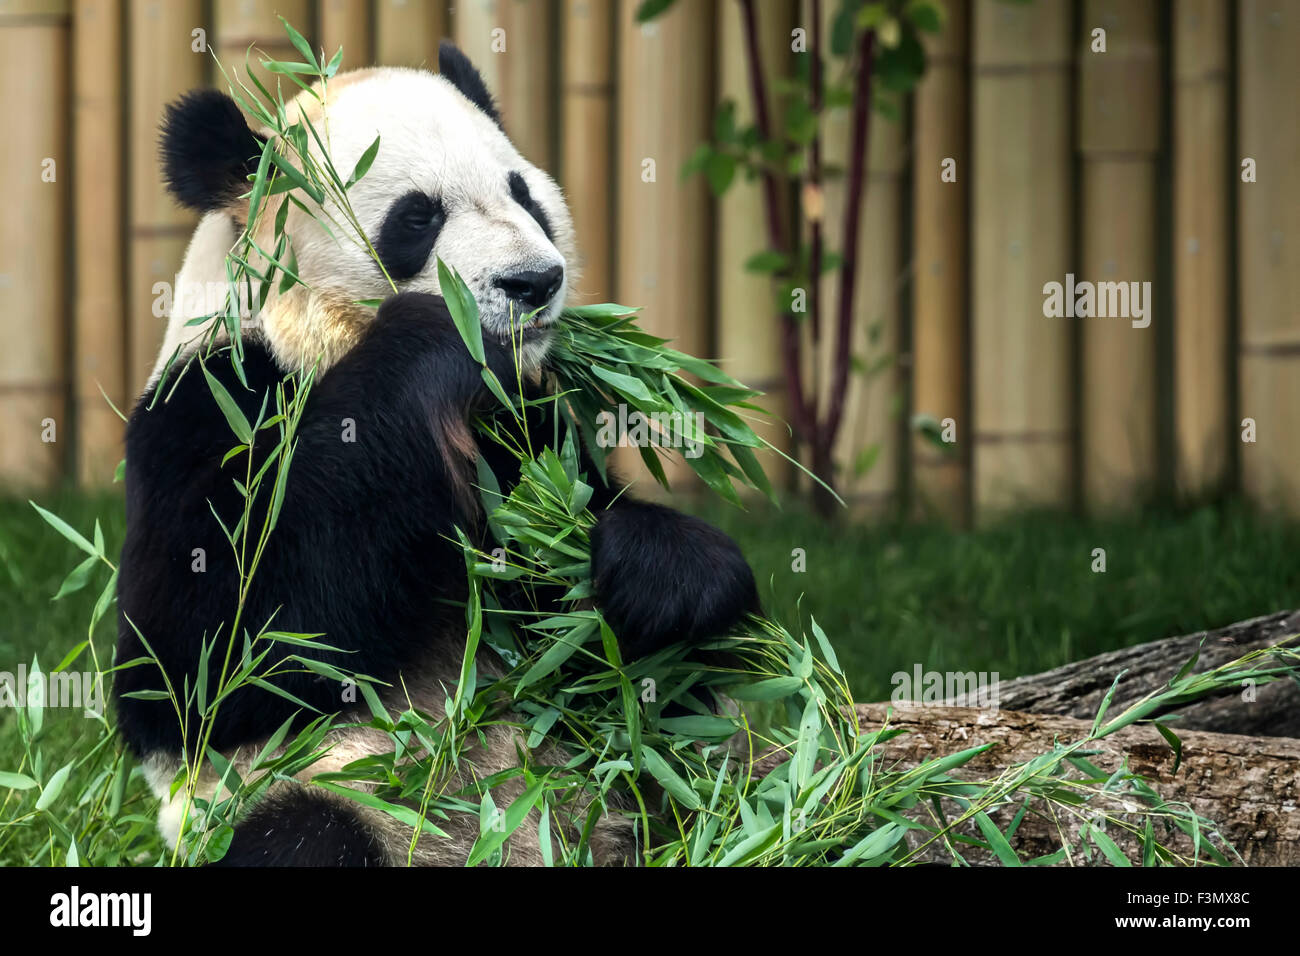 Panda gigante en el zoológico local, comiendo los brotes de bambú. Imagen De Stock